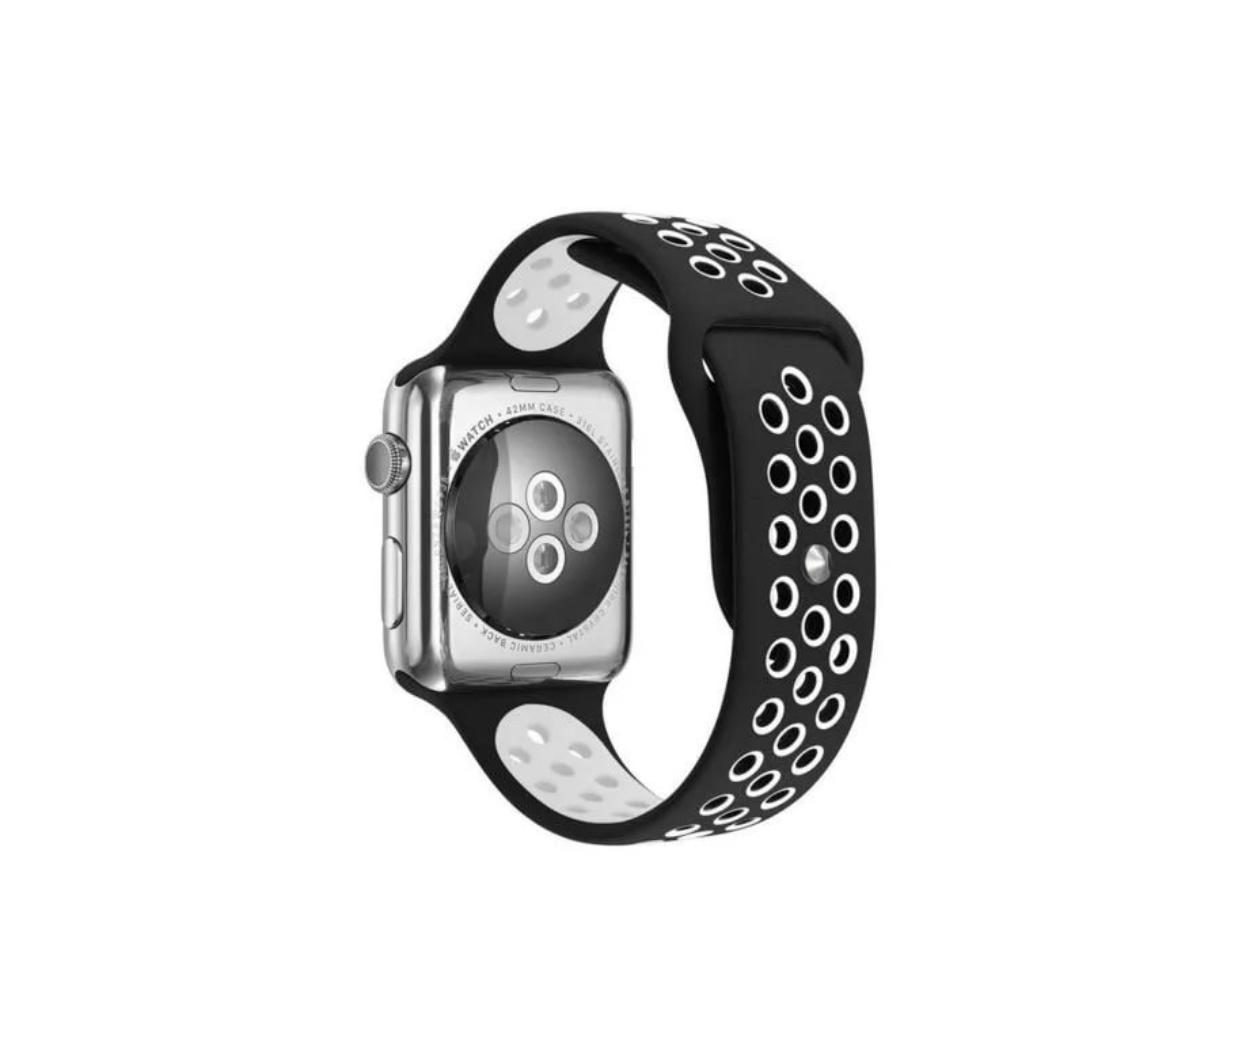 Ремешок для смарт-часов Markclub Силиконовый 42mm черный белый аксессуар ремешок gurdini sport silicone для apple watch 42mm dark teal 906173